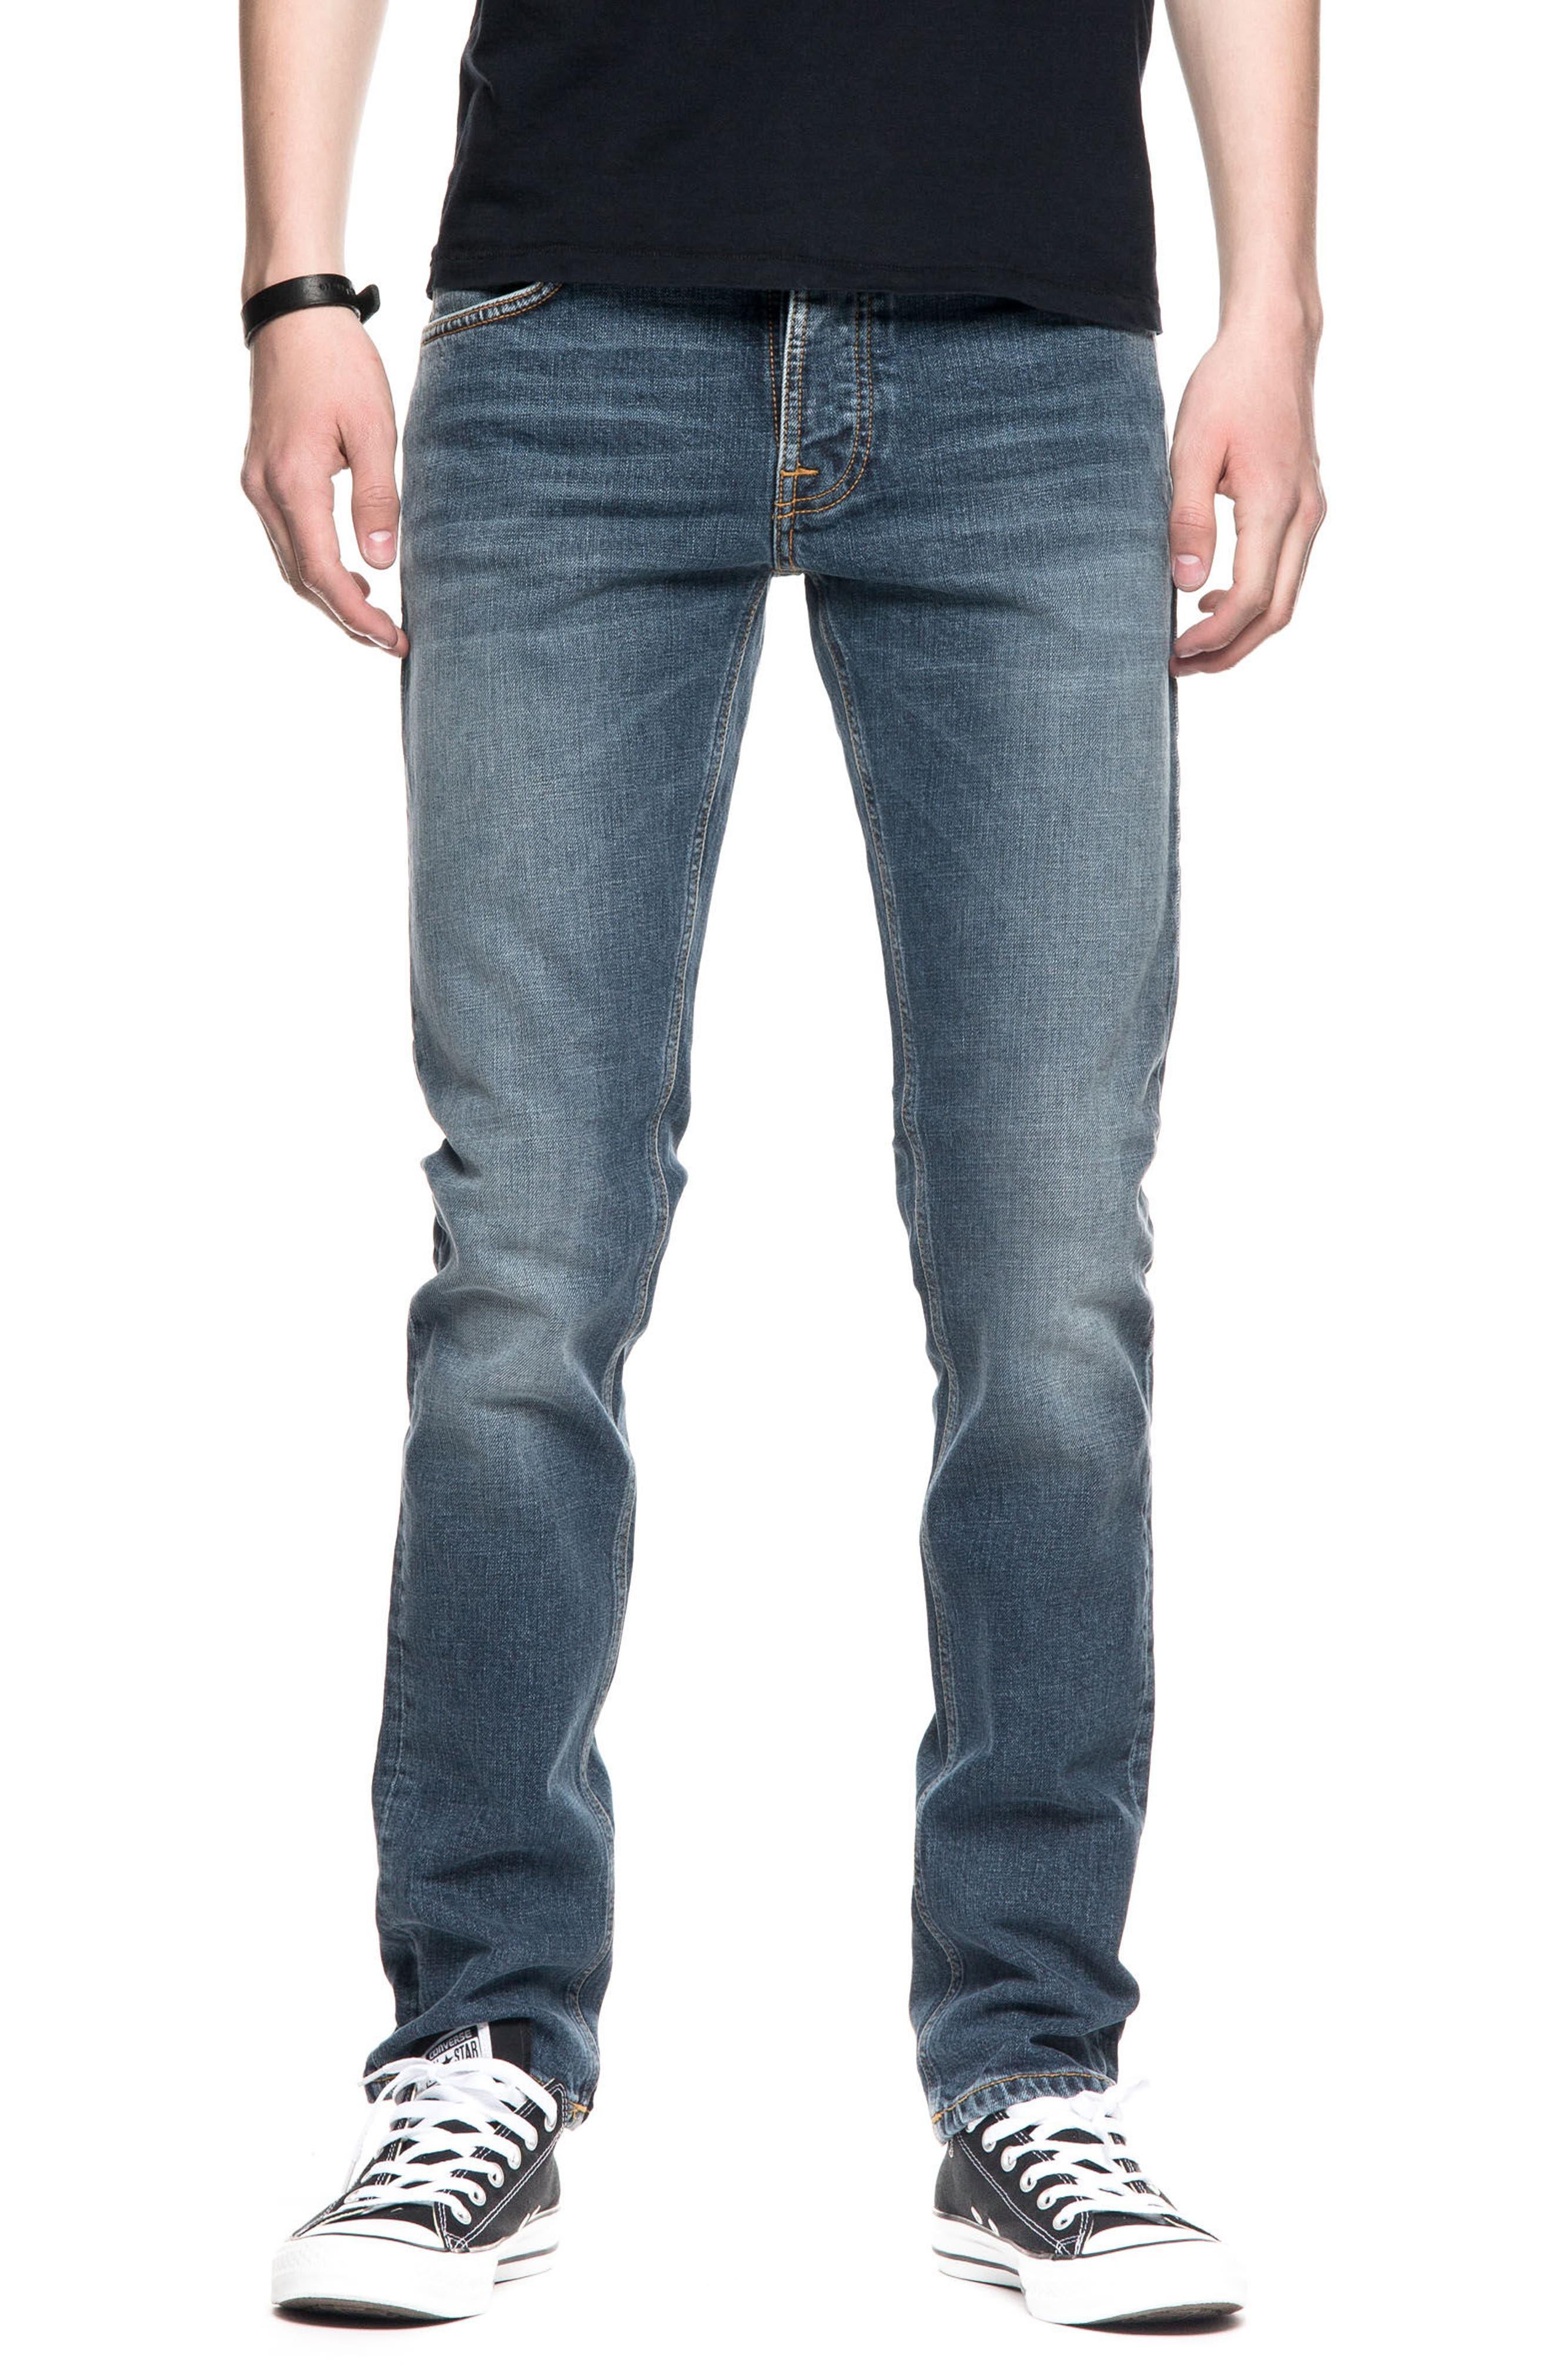 Nudie Jeans Grim Tim Slim Fit Jeans (Blue Halo)